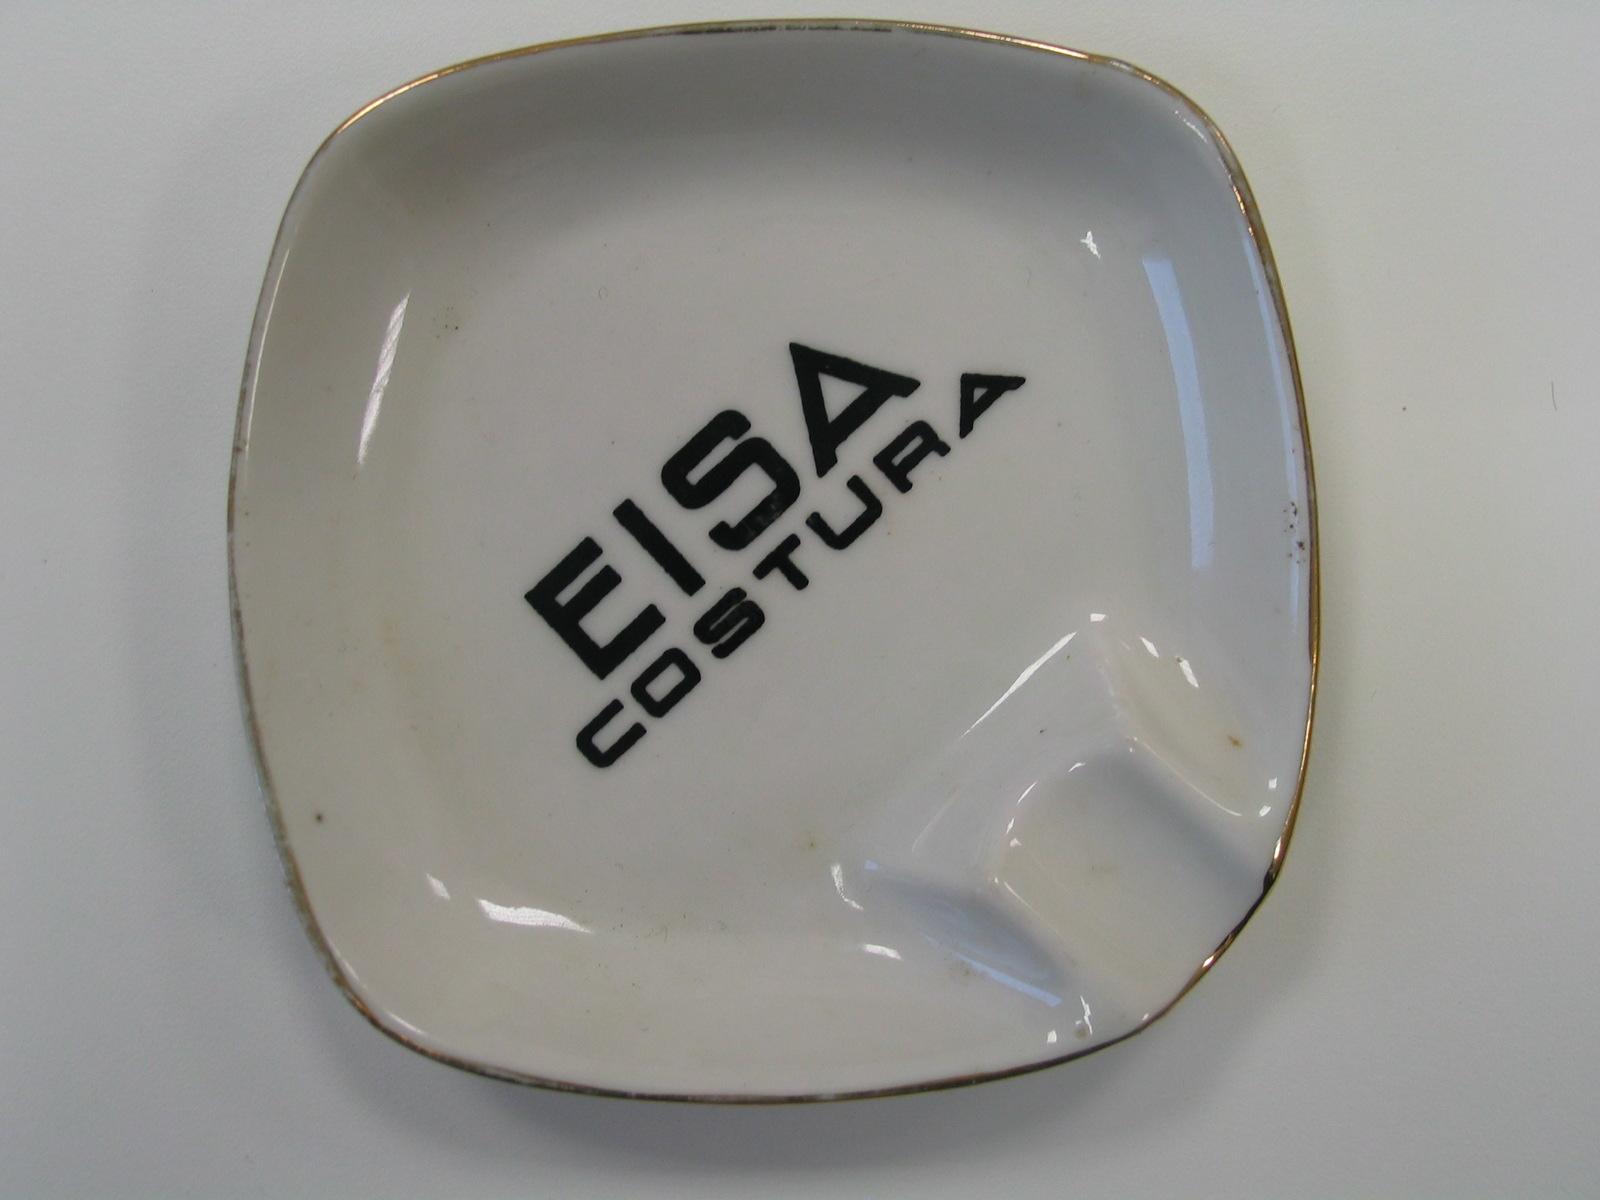 Cenicero EISA COSTURA de porcelana blanca con letras negras